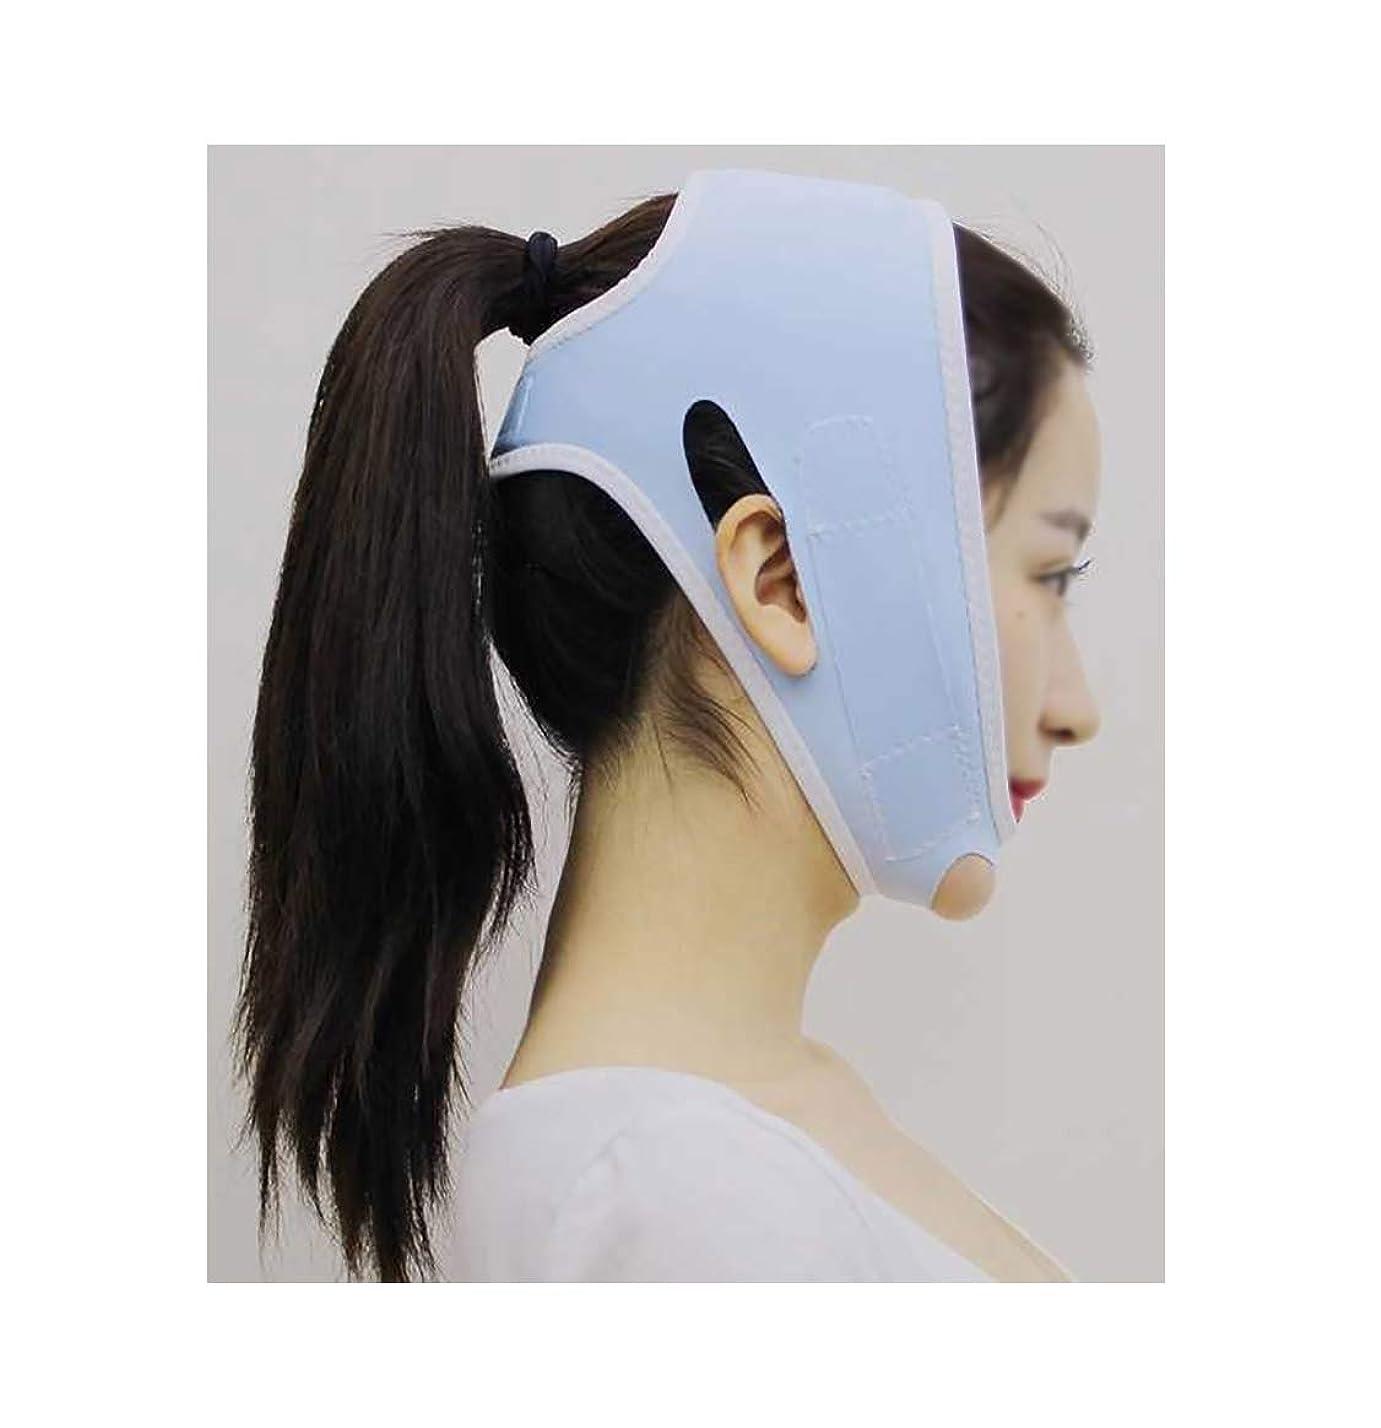 癒すおとこ勇気のあるTLMY 包帯ヘッドギアマスクの顔Vの顔の薄い顔のアーティファクトプラスチック美容ゴムバンドフェイスリフトネックリフト後薄い顔マスクあごベルトの回復 顔用整形マスク (Color : Blue)